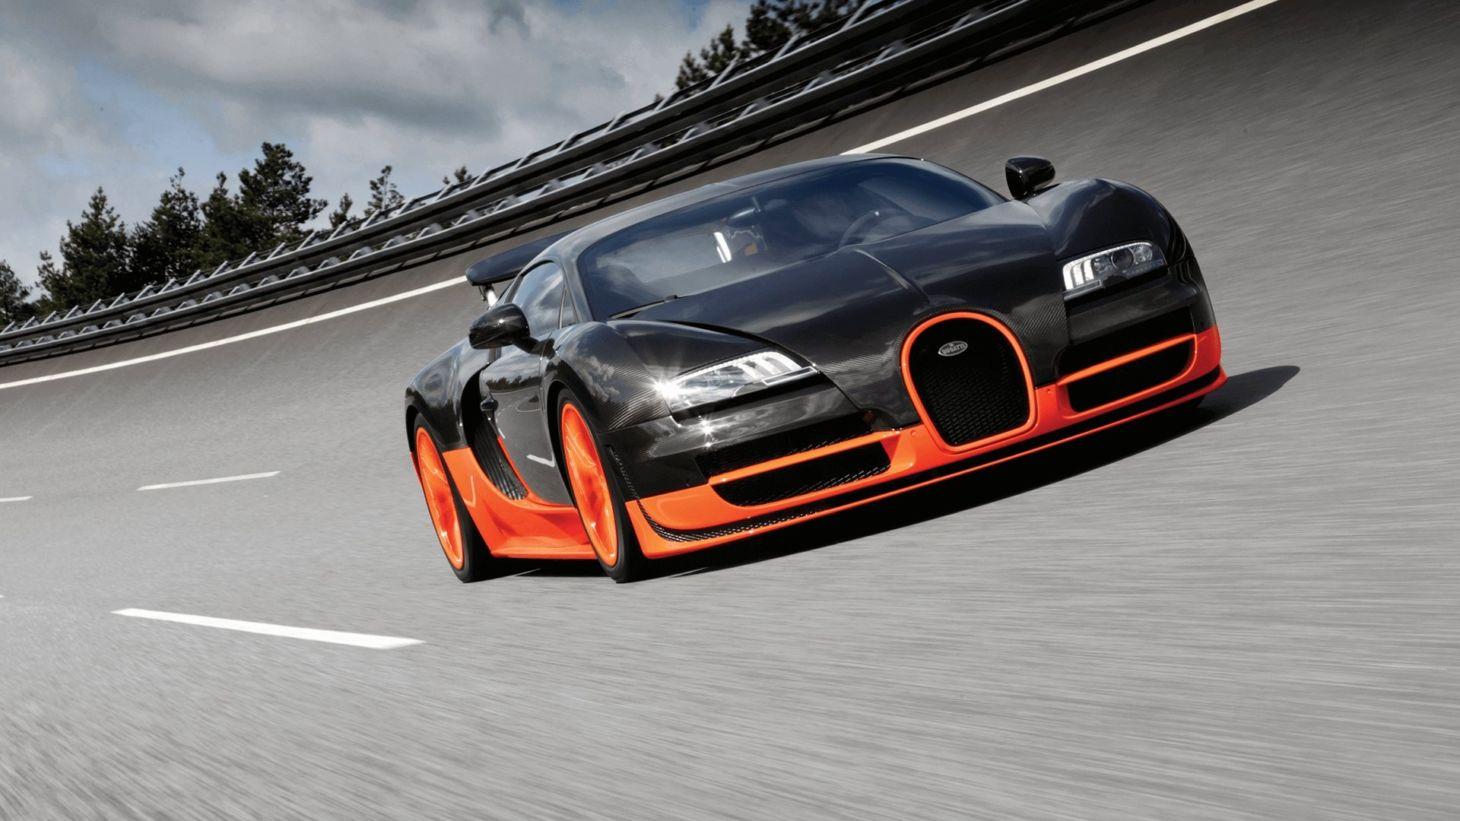 bugatti veyron super sport 3 Carro mais veloz do mundo